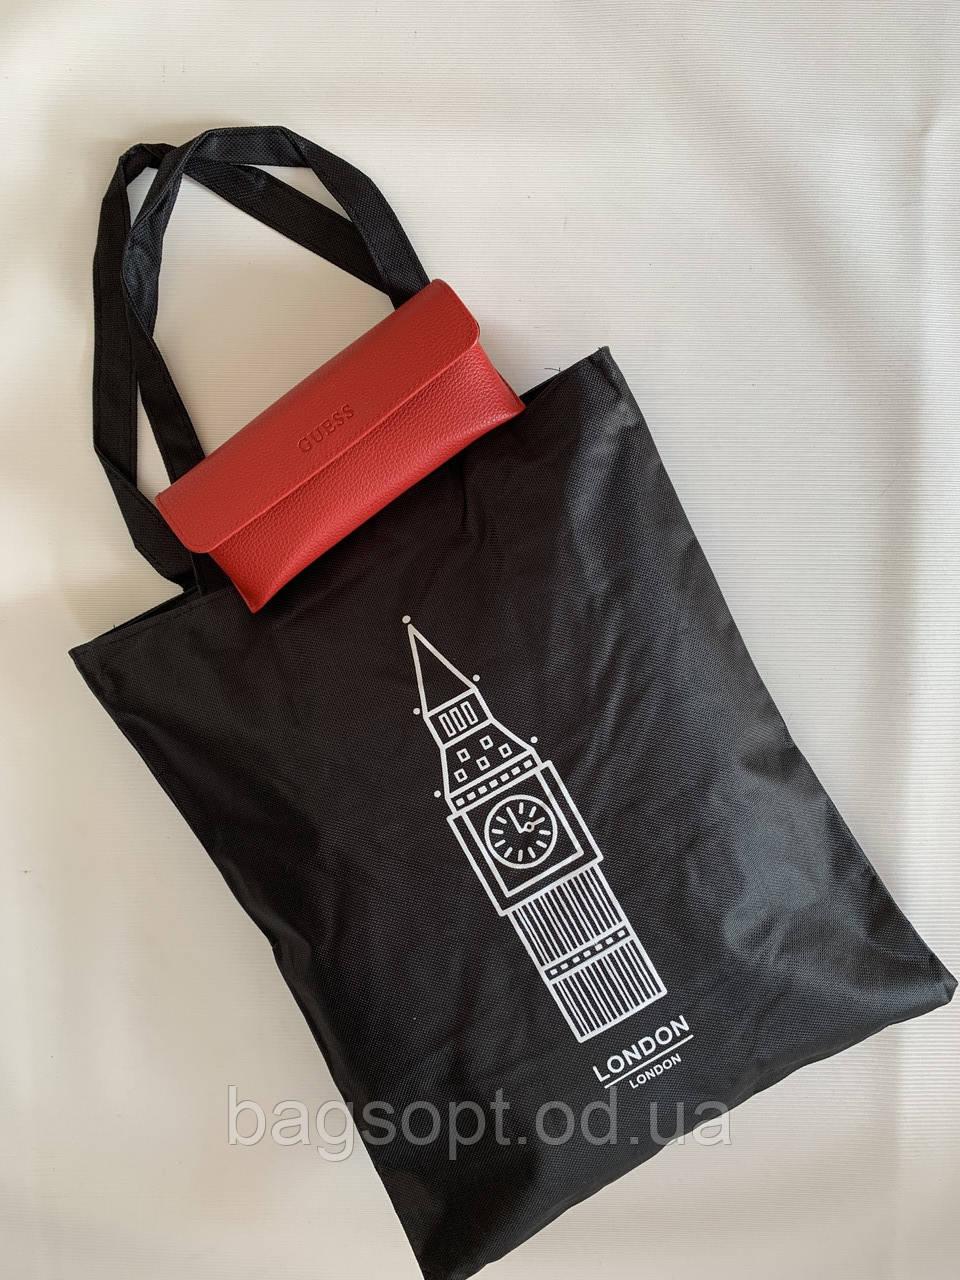 Черная эко сумка шоппер для покупок из ткани коттоновая с принтом Биг Бена Лондон Одесса 7 км